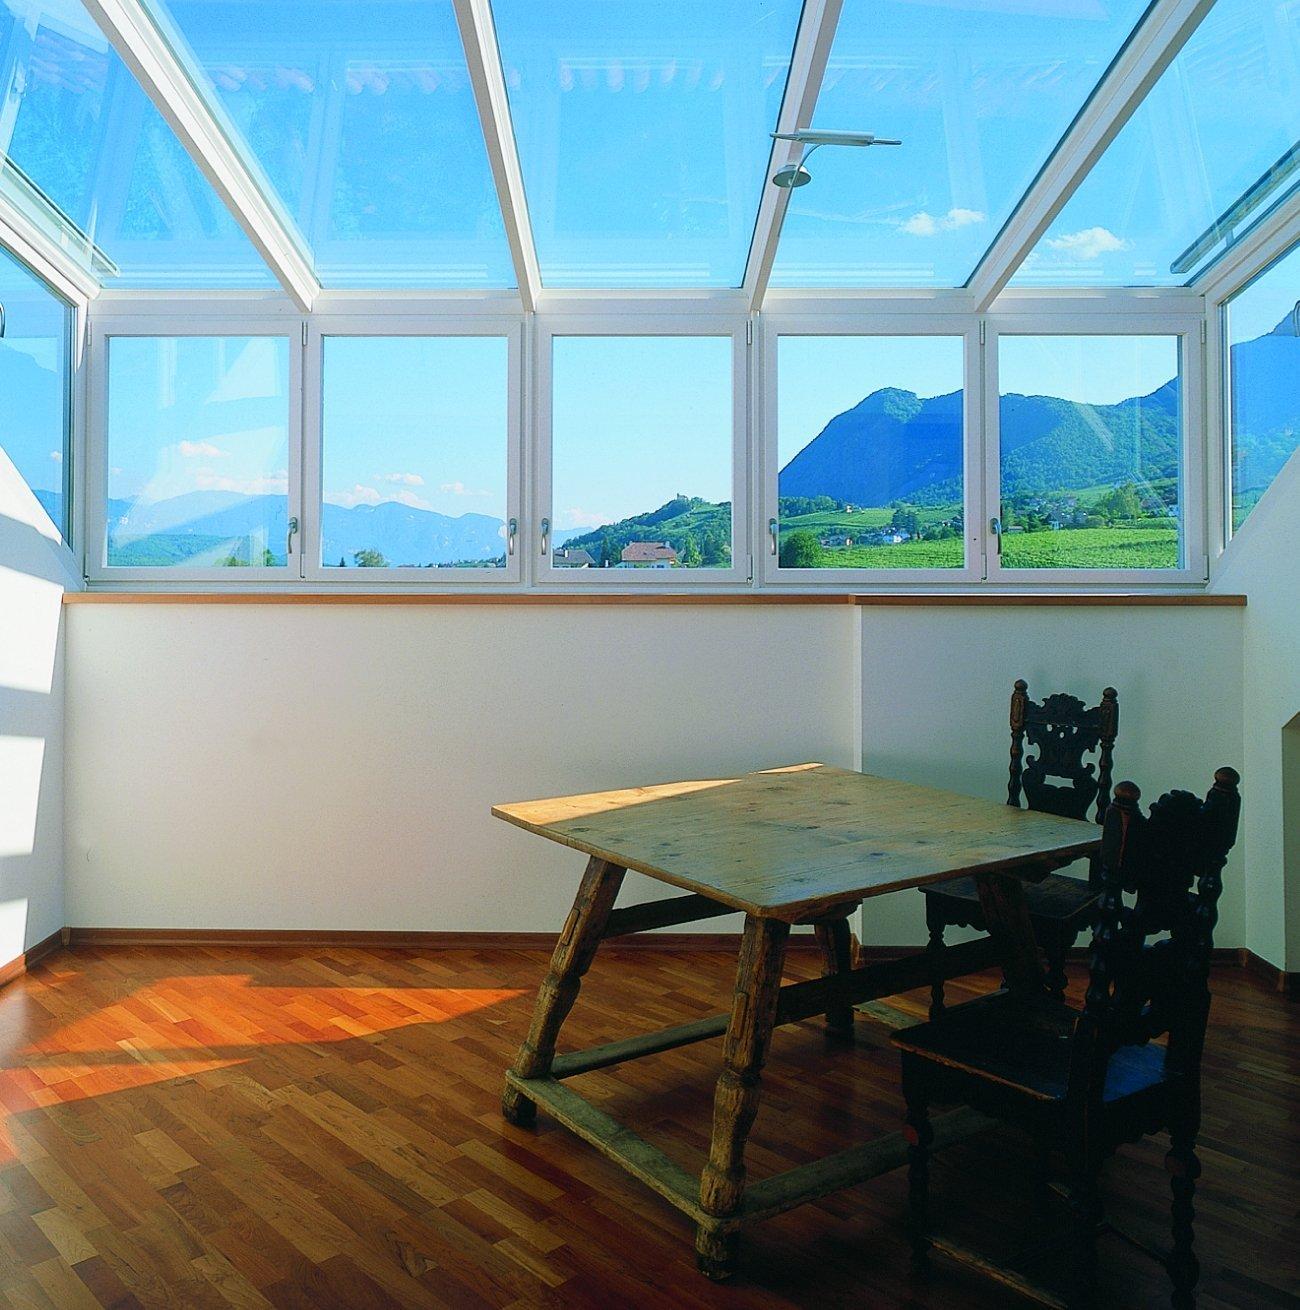 Per verande e coperture vetrate serramenti isolanti ed efficienti cose di casa - Altezza minima finestre ...